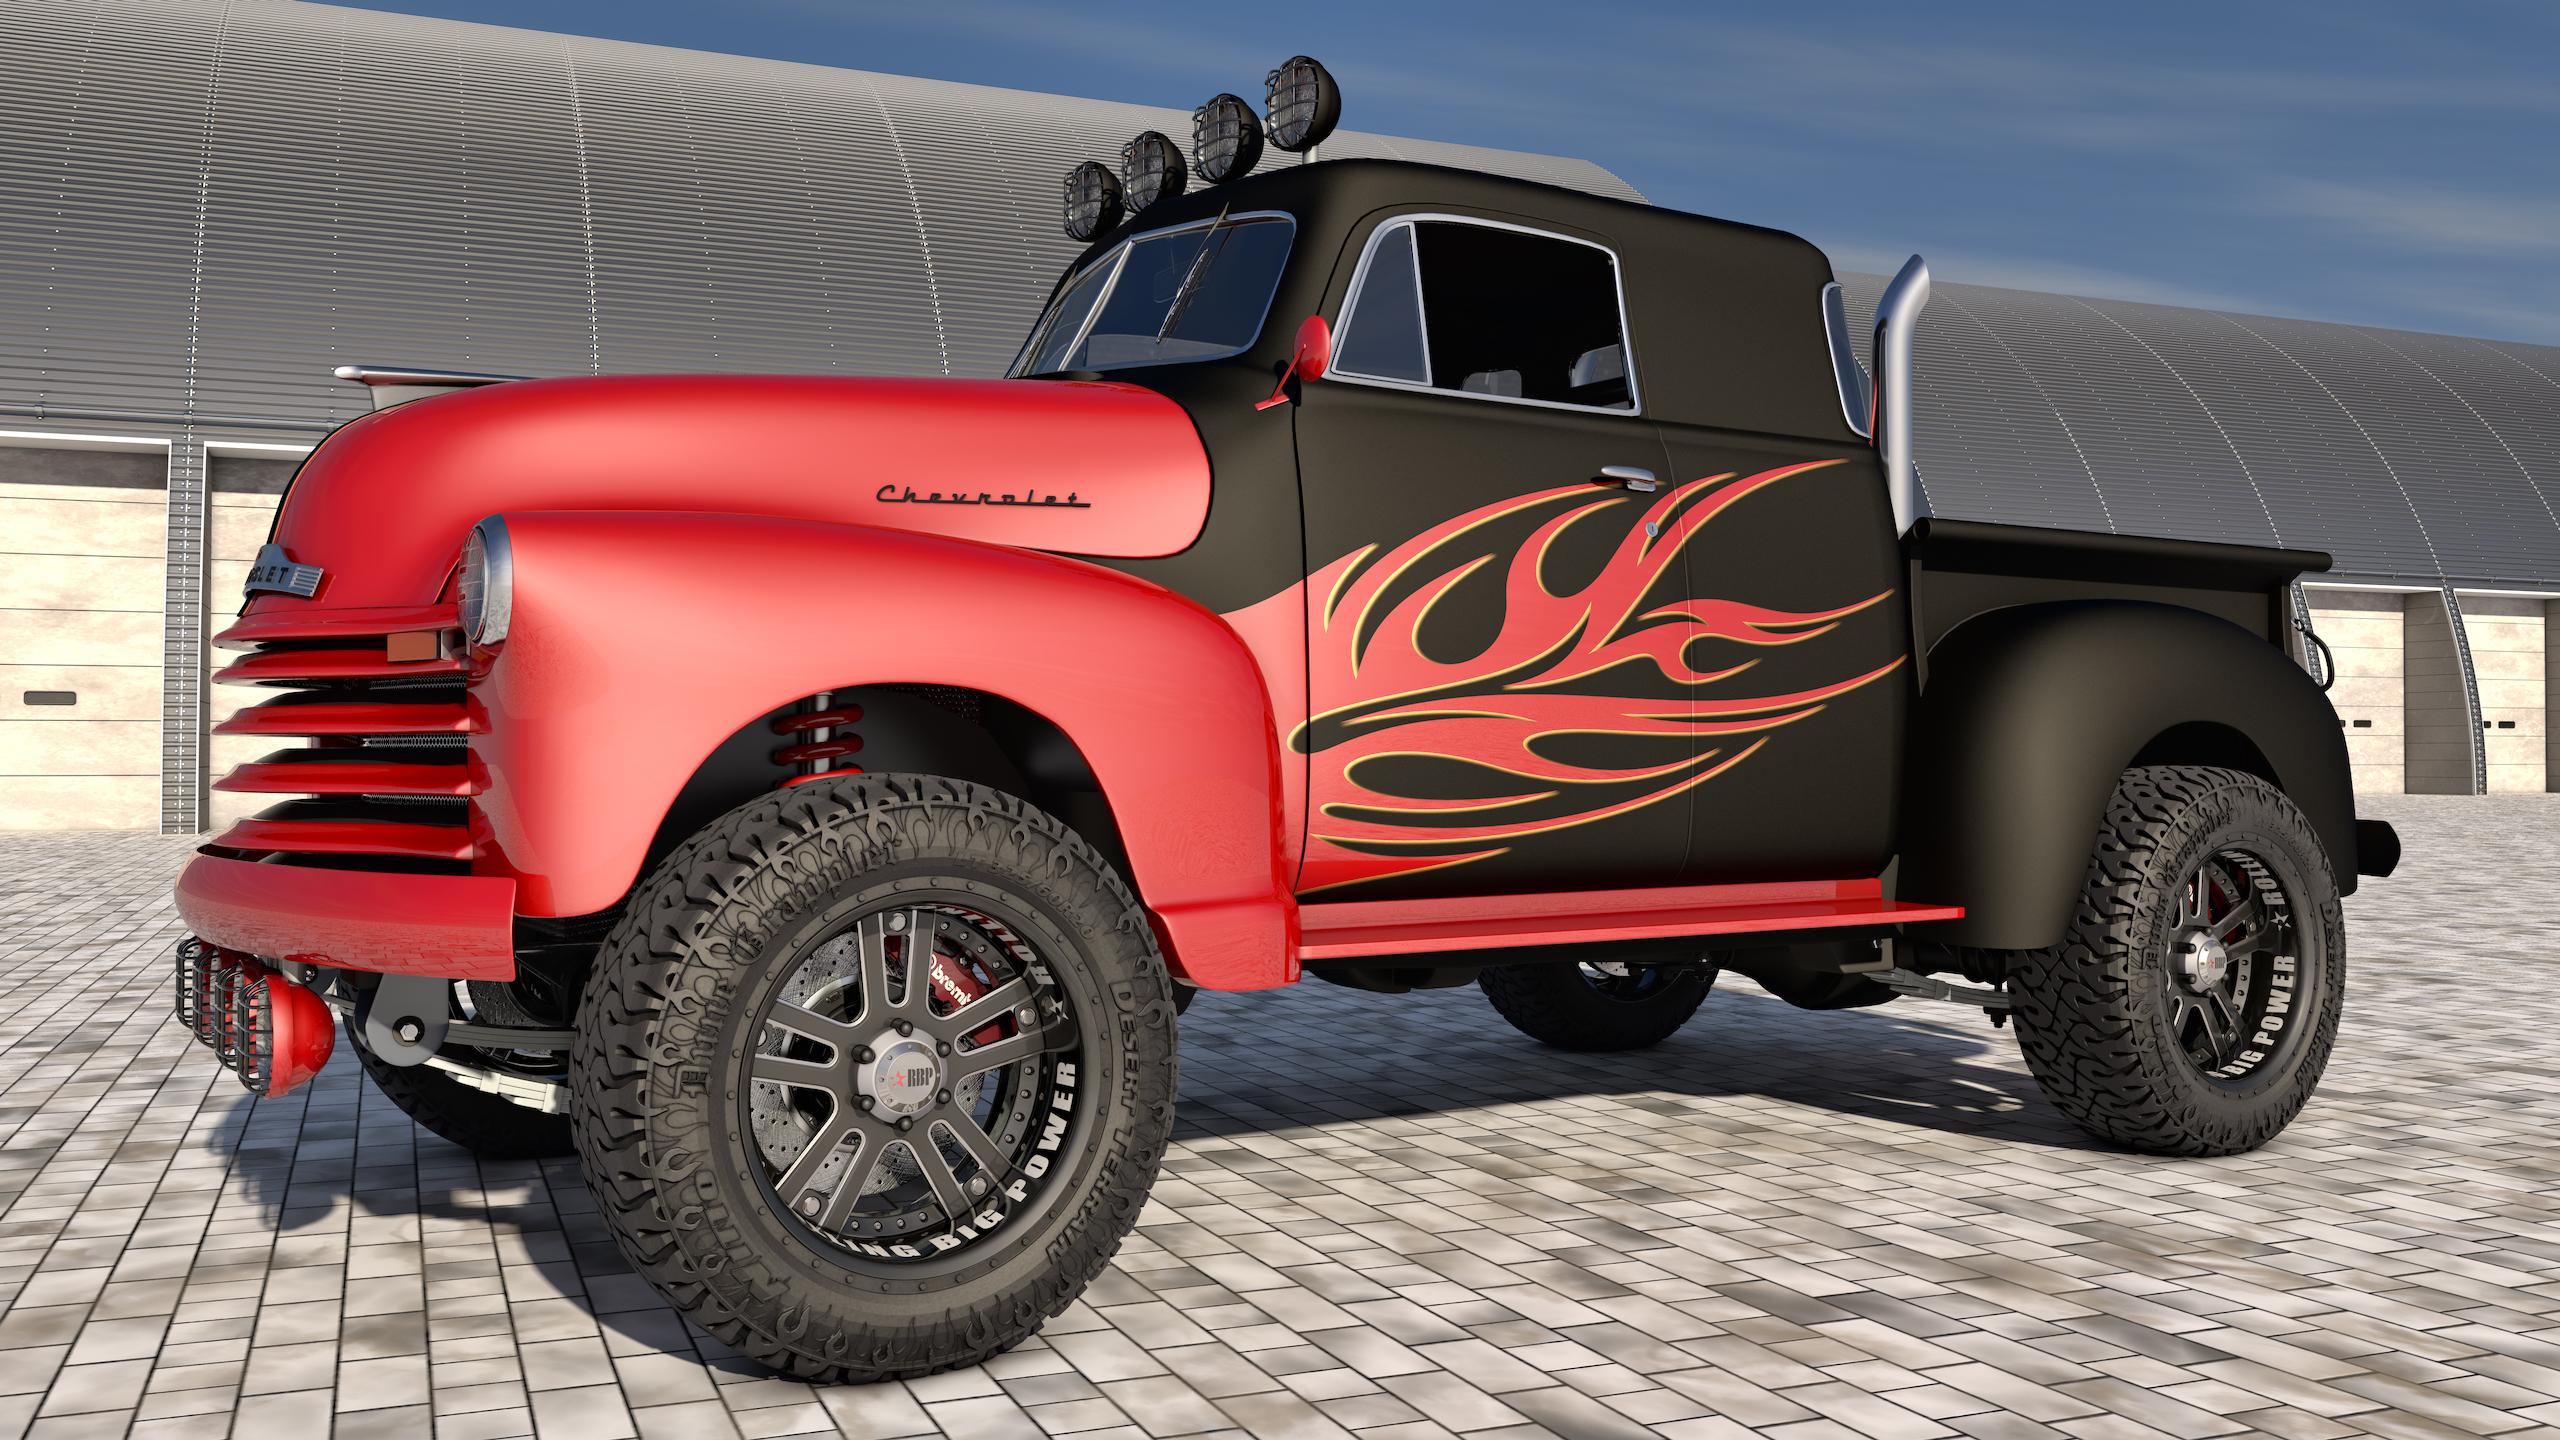 1951 chevrolet pickup 4x4 by samcurry on deviantart. Black Bedroom Furniture Sets. Home Design Ideas